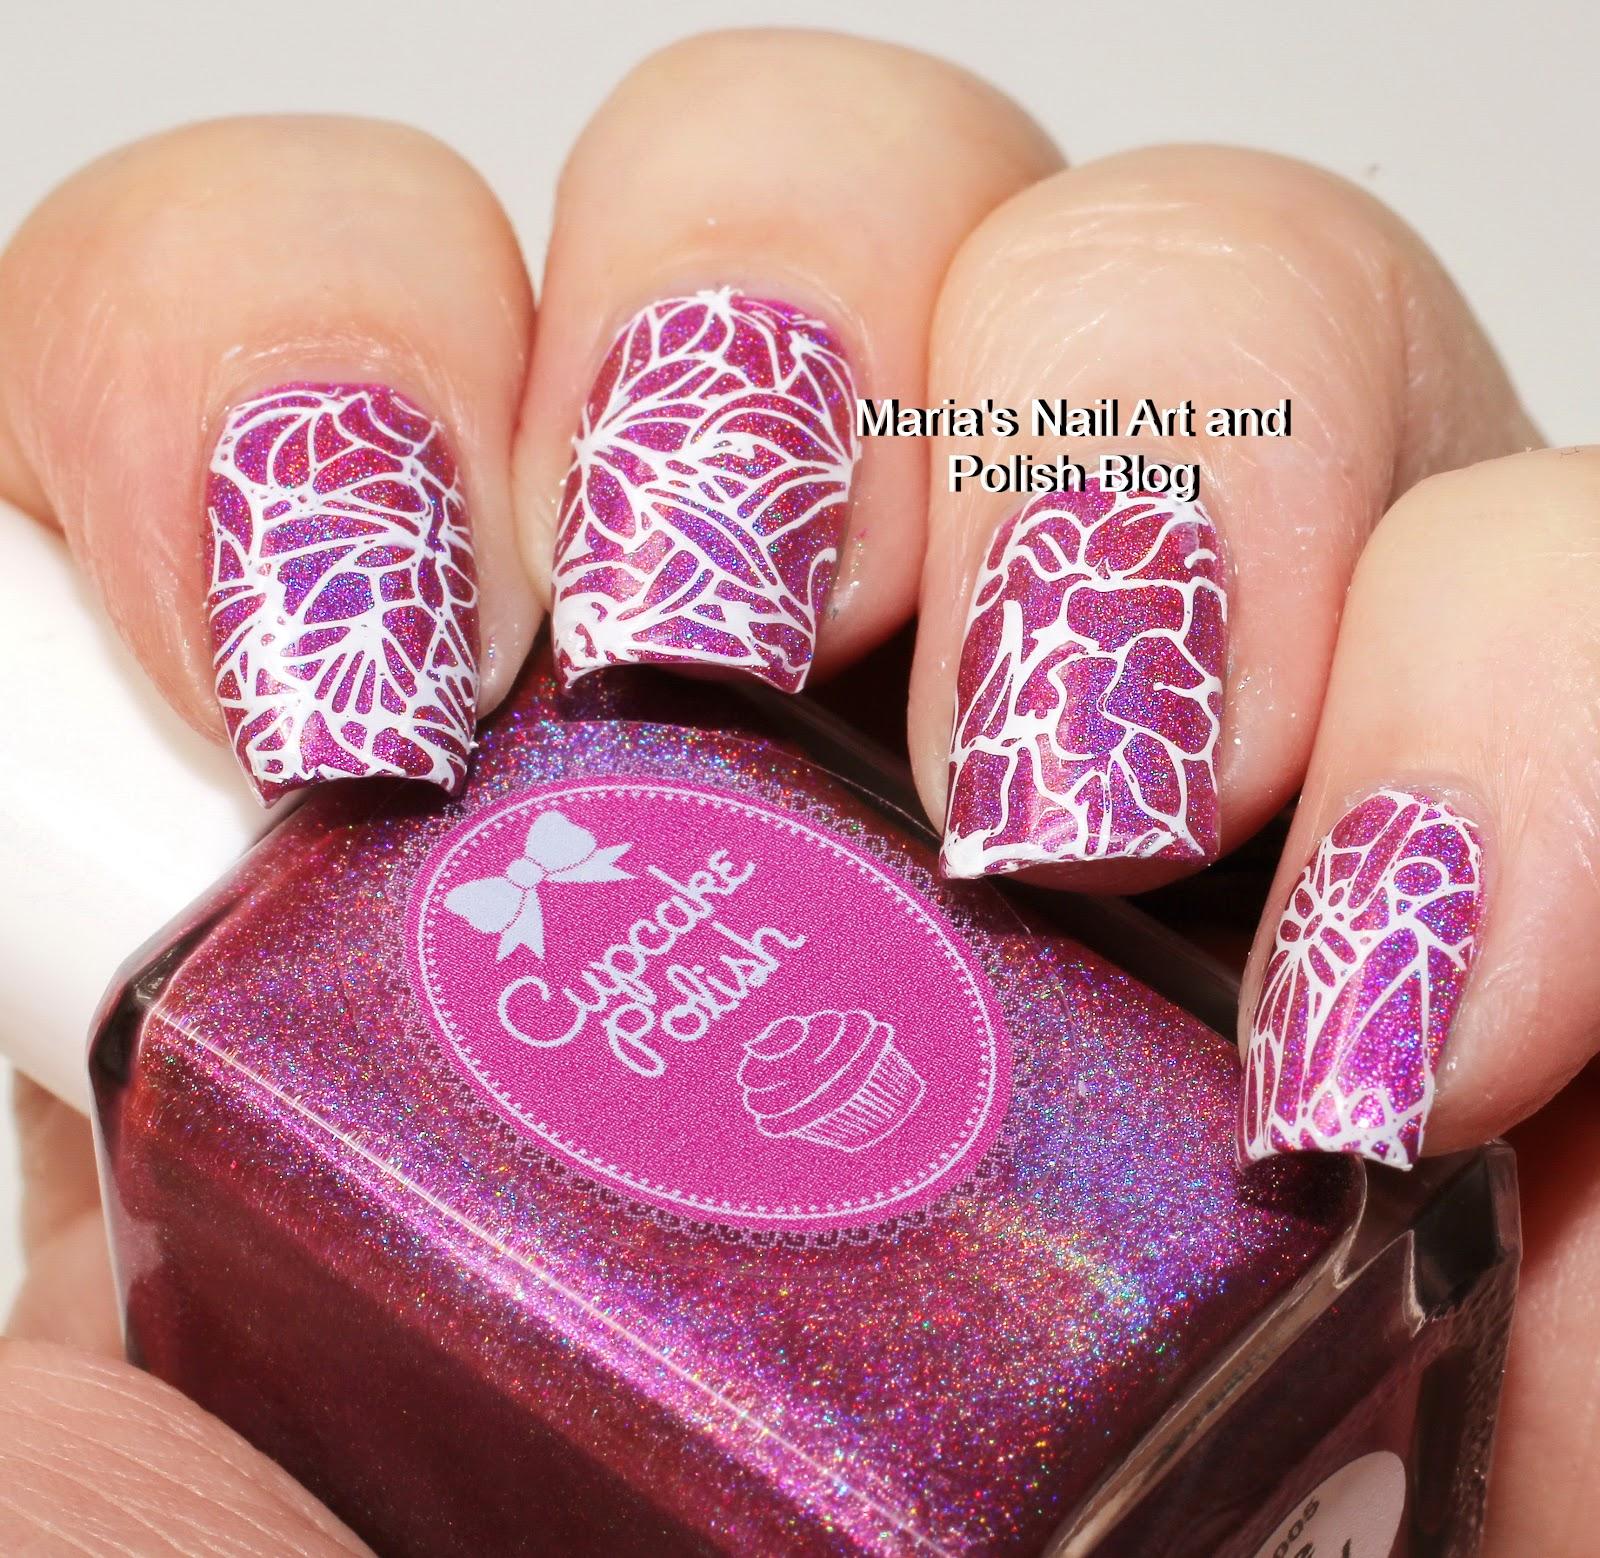 Marias Nail Art and Polish Blog: Infinity Nails and Dashica Nails ...